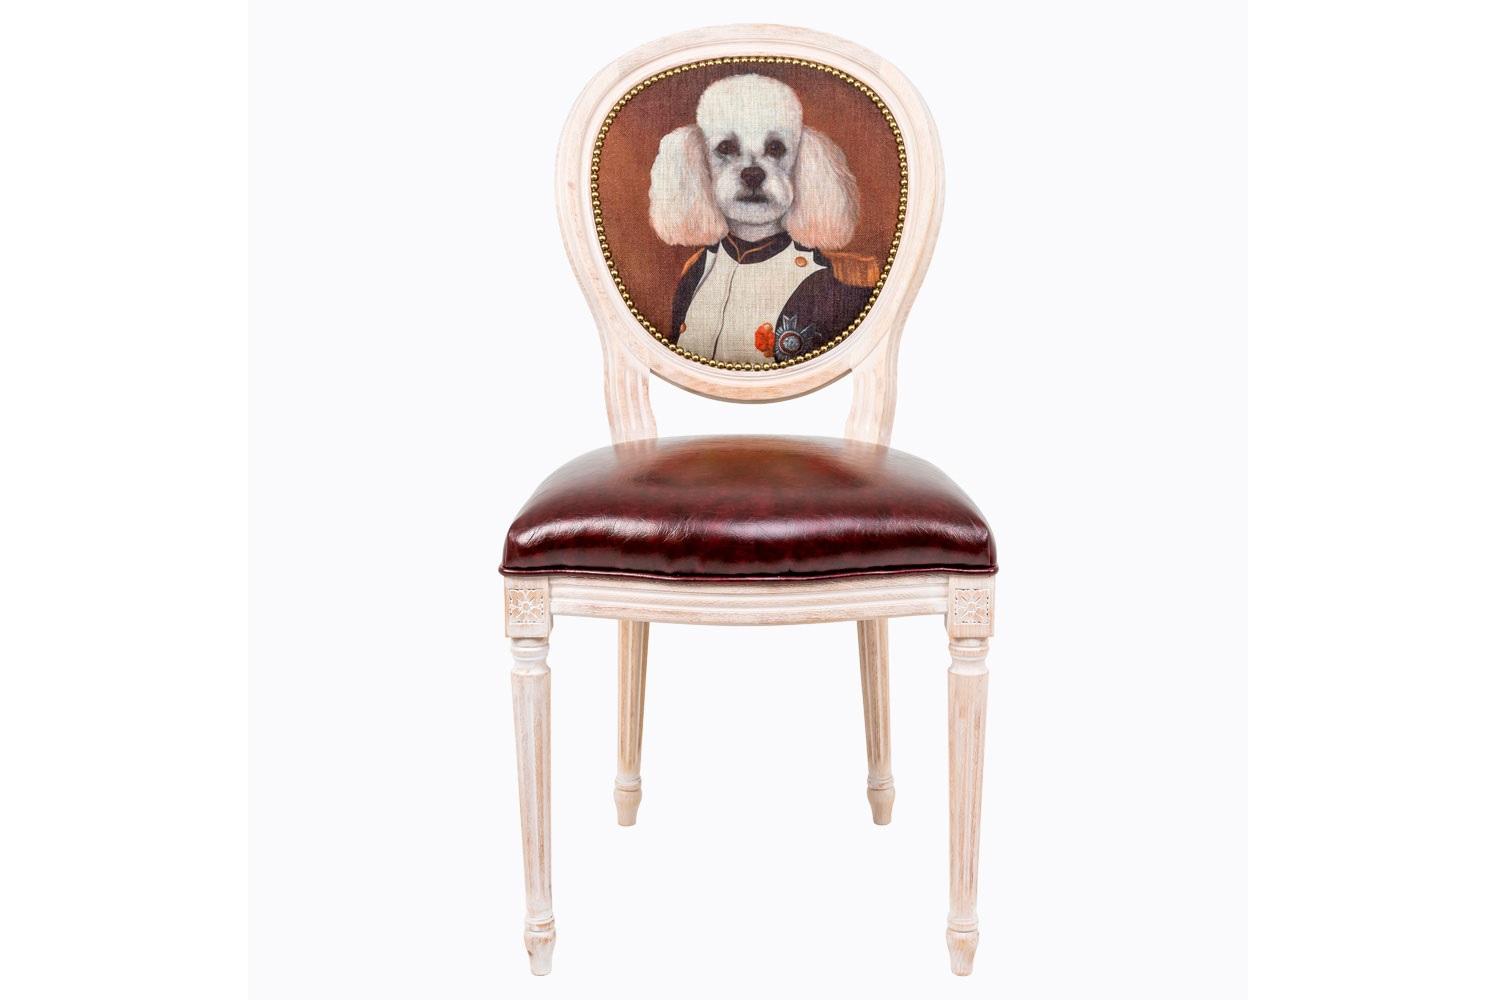 Стул Музейный экспонат, версия 3Обеденные стулья<br>Прототипом персонажа коллекции &amp;quot;Музейный экспонат&amp;quot; послужил портрет  Наполеона в кабинете дворца Тюильри, написанный Жаком-Луи Давидом в 1812 году. Французский полководец предстает зрителю в рабочем кабинете, расположенном на первом этаже дворца, изображённый в скромной униформе полковника гренадеров гвардейской пехоты.&amp;amp;nbsp;Стулья серии &amp;quot;Музейный экспонат&amp;quot; имитируют дворцовую эпоху Луи-Филиппа, предпочитающую благородные лаконичные формы, раскрашенные золотистыми анкерами и филигранной резьбой. Натуральное дерево и ручная работа одухотворяют предметы мебели, вносят эмоции тепла и персональной заботы. Стулья изготовлены из ядра натурального бука. Корпусы стульев серии &amp;quot;Музейный экспонат&amp;quot; выточены, брашированы и патинированы в Италии. Благородная фактура натурального дерева подчеркнута рукописной патиной. Обивка спинки оснащена тефлоновым покрытием против пятен.&amp;lt;div&amp;gt;&amp;lt;br&amp;gt;&amp;lt;/div&amp;gt;&amp;lt;div&amp;gt;Материал сидения - экокожа.&amp;lt;/div&amp;gt;<br><br>Material: Дерево<br>Ширина см: 50<br>Высота см: 98<br>Глубина см: 47